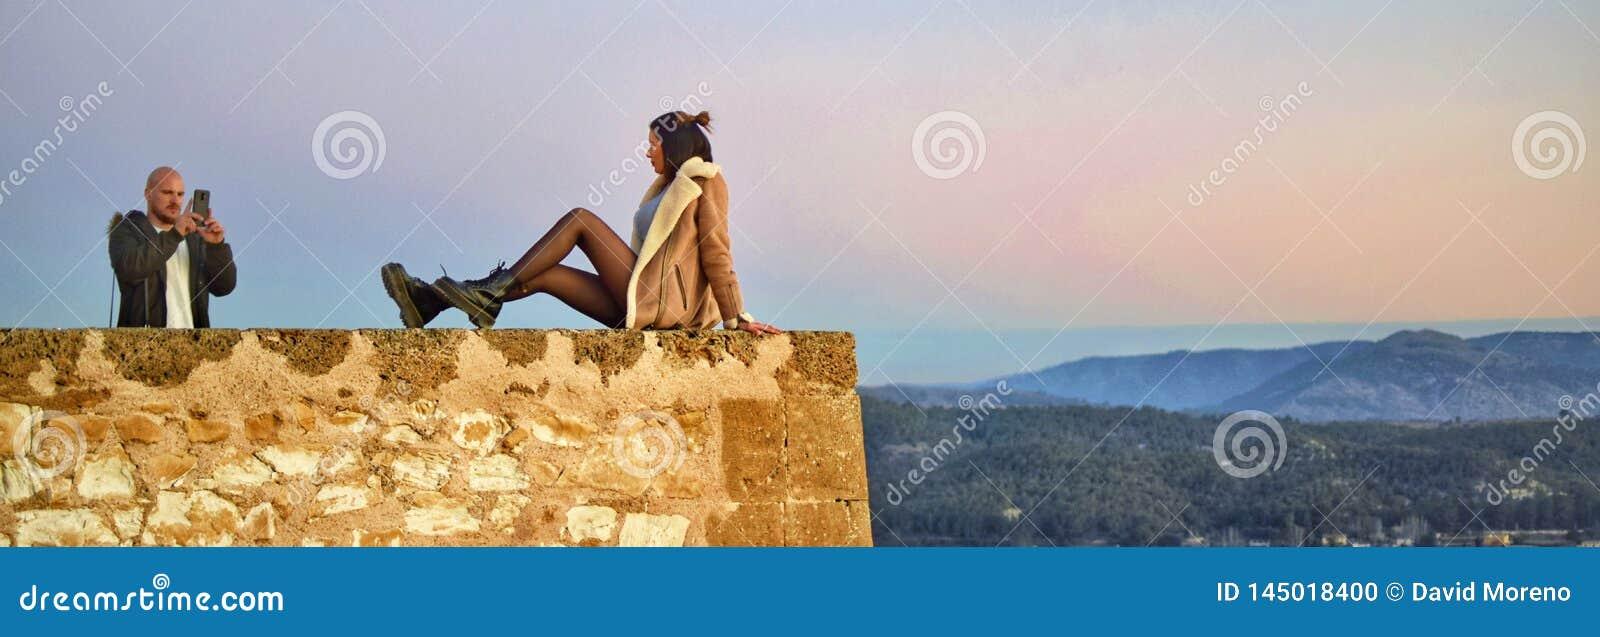 Toeristenpaar die foto op de afgrond van het kasteel van Caravaca in Spanje nemen